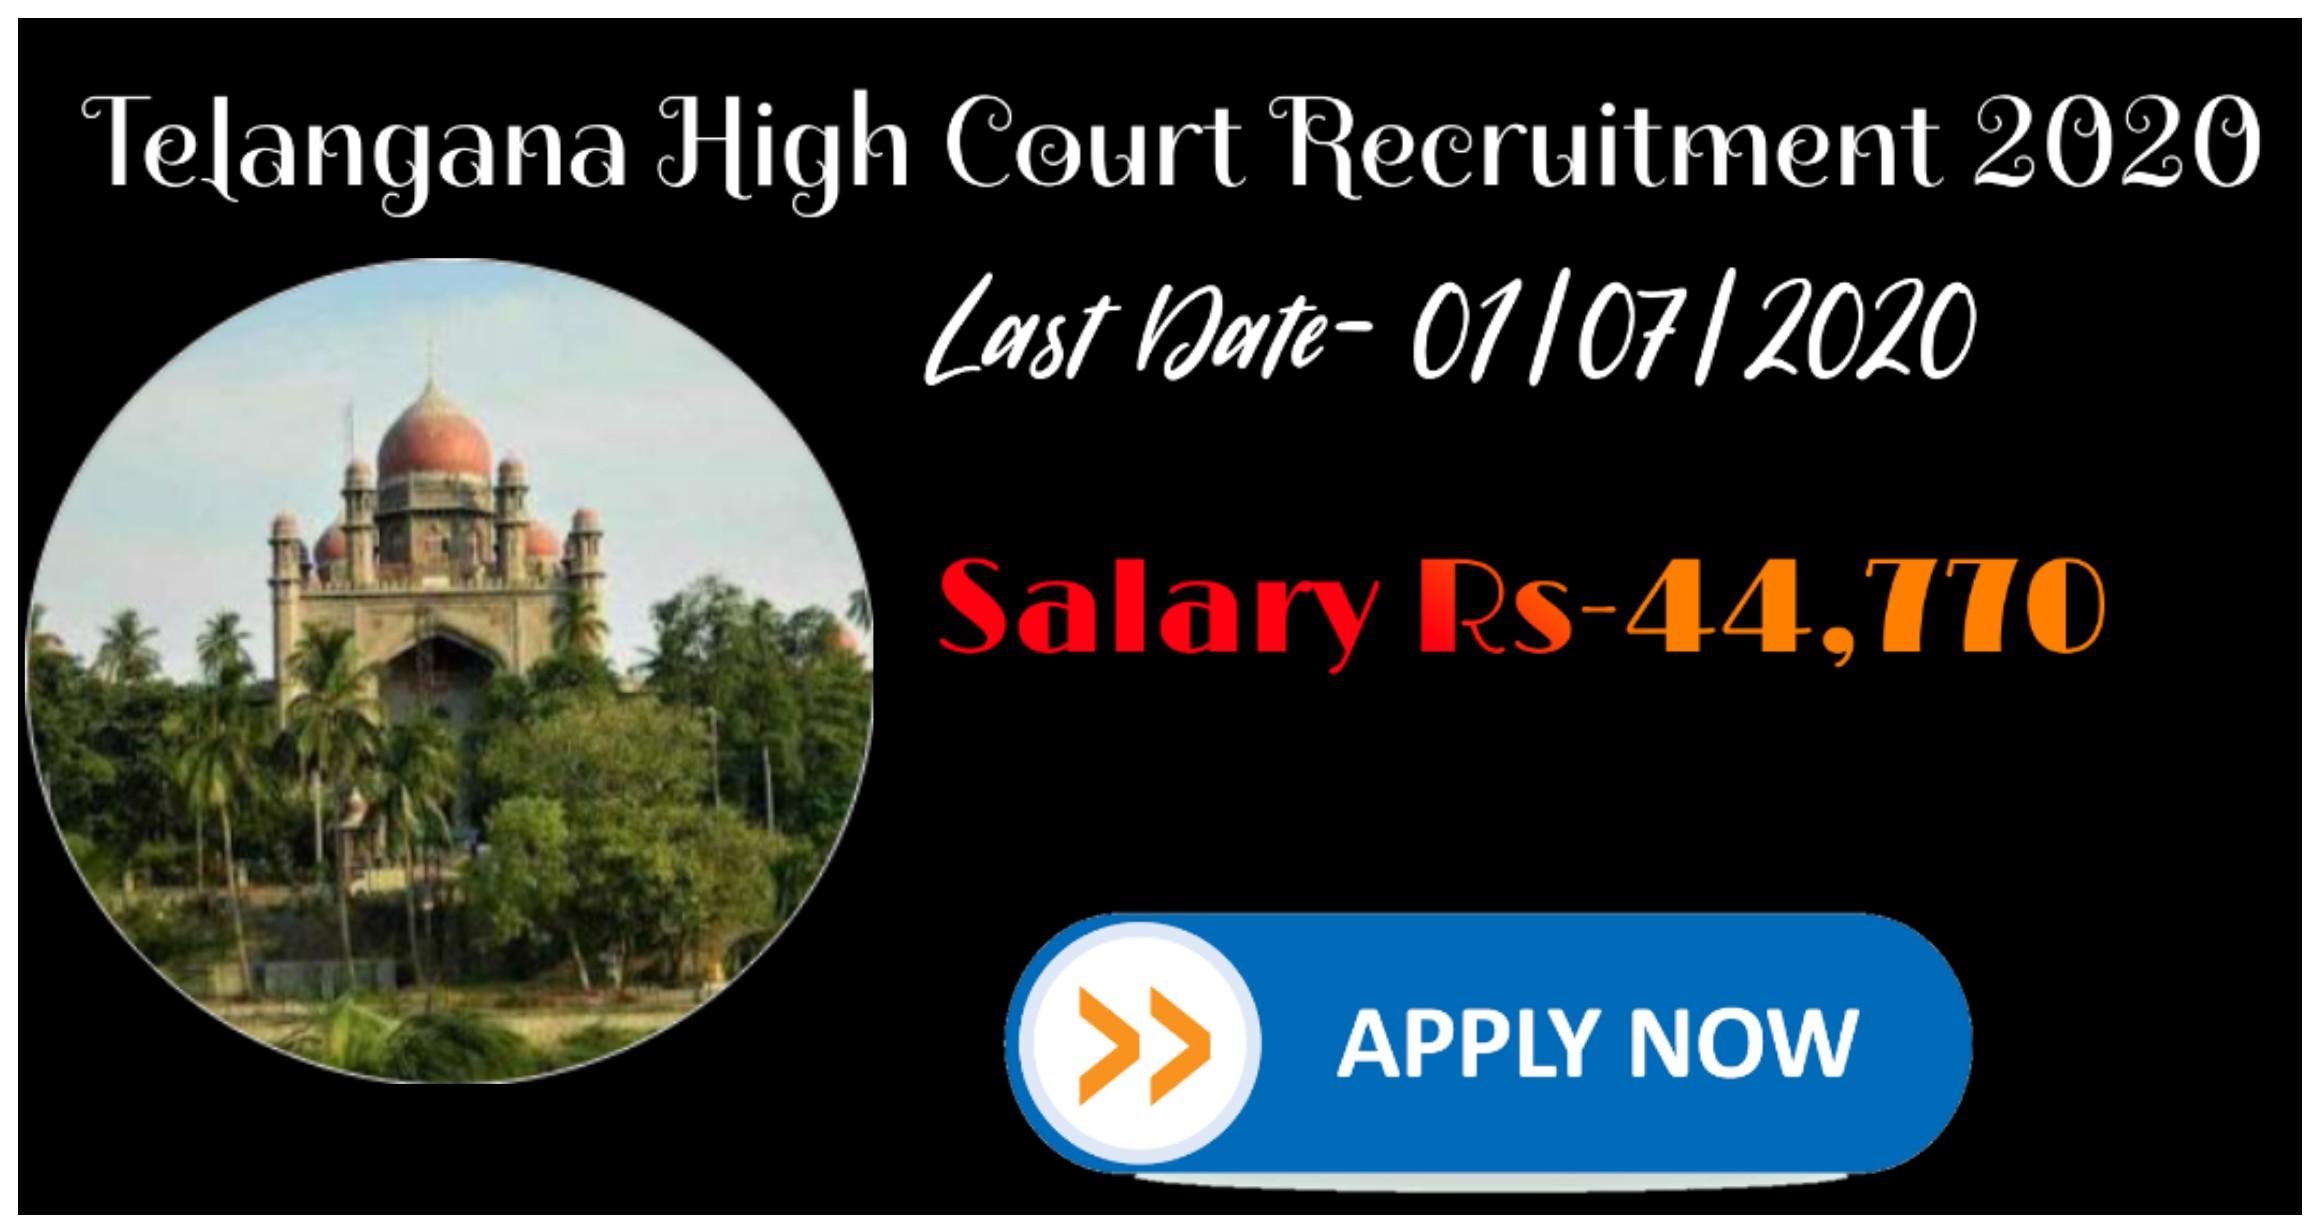 Telangana HighCourt Recruitment 2020